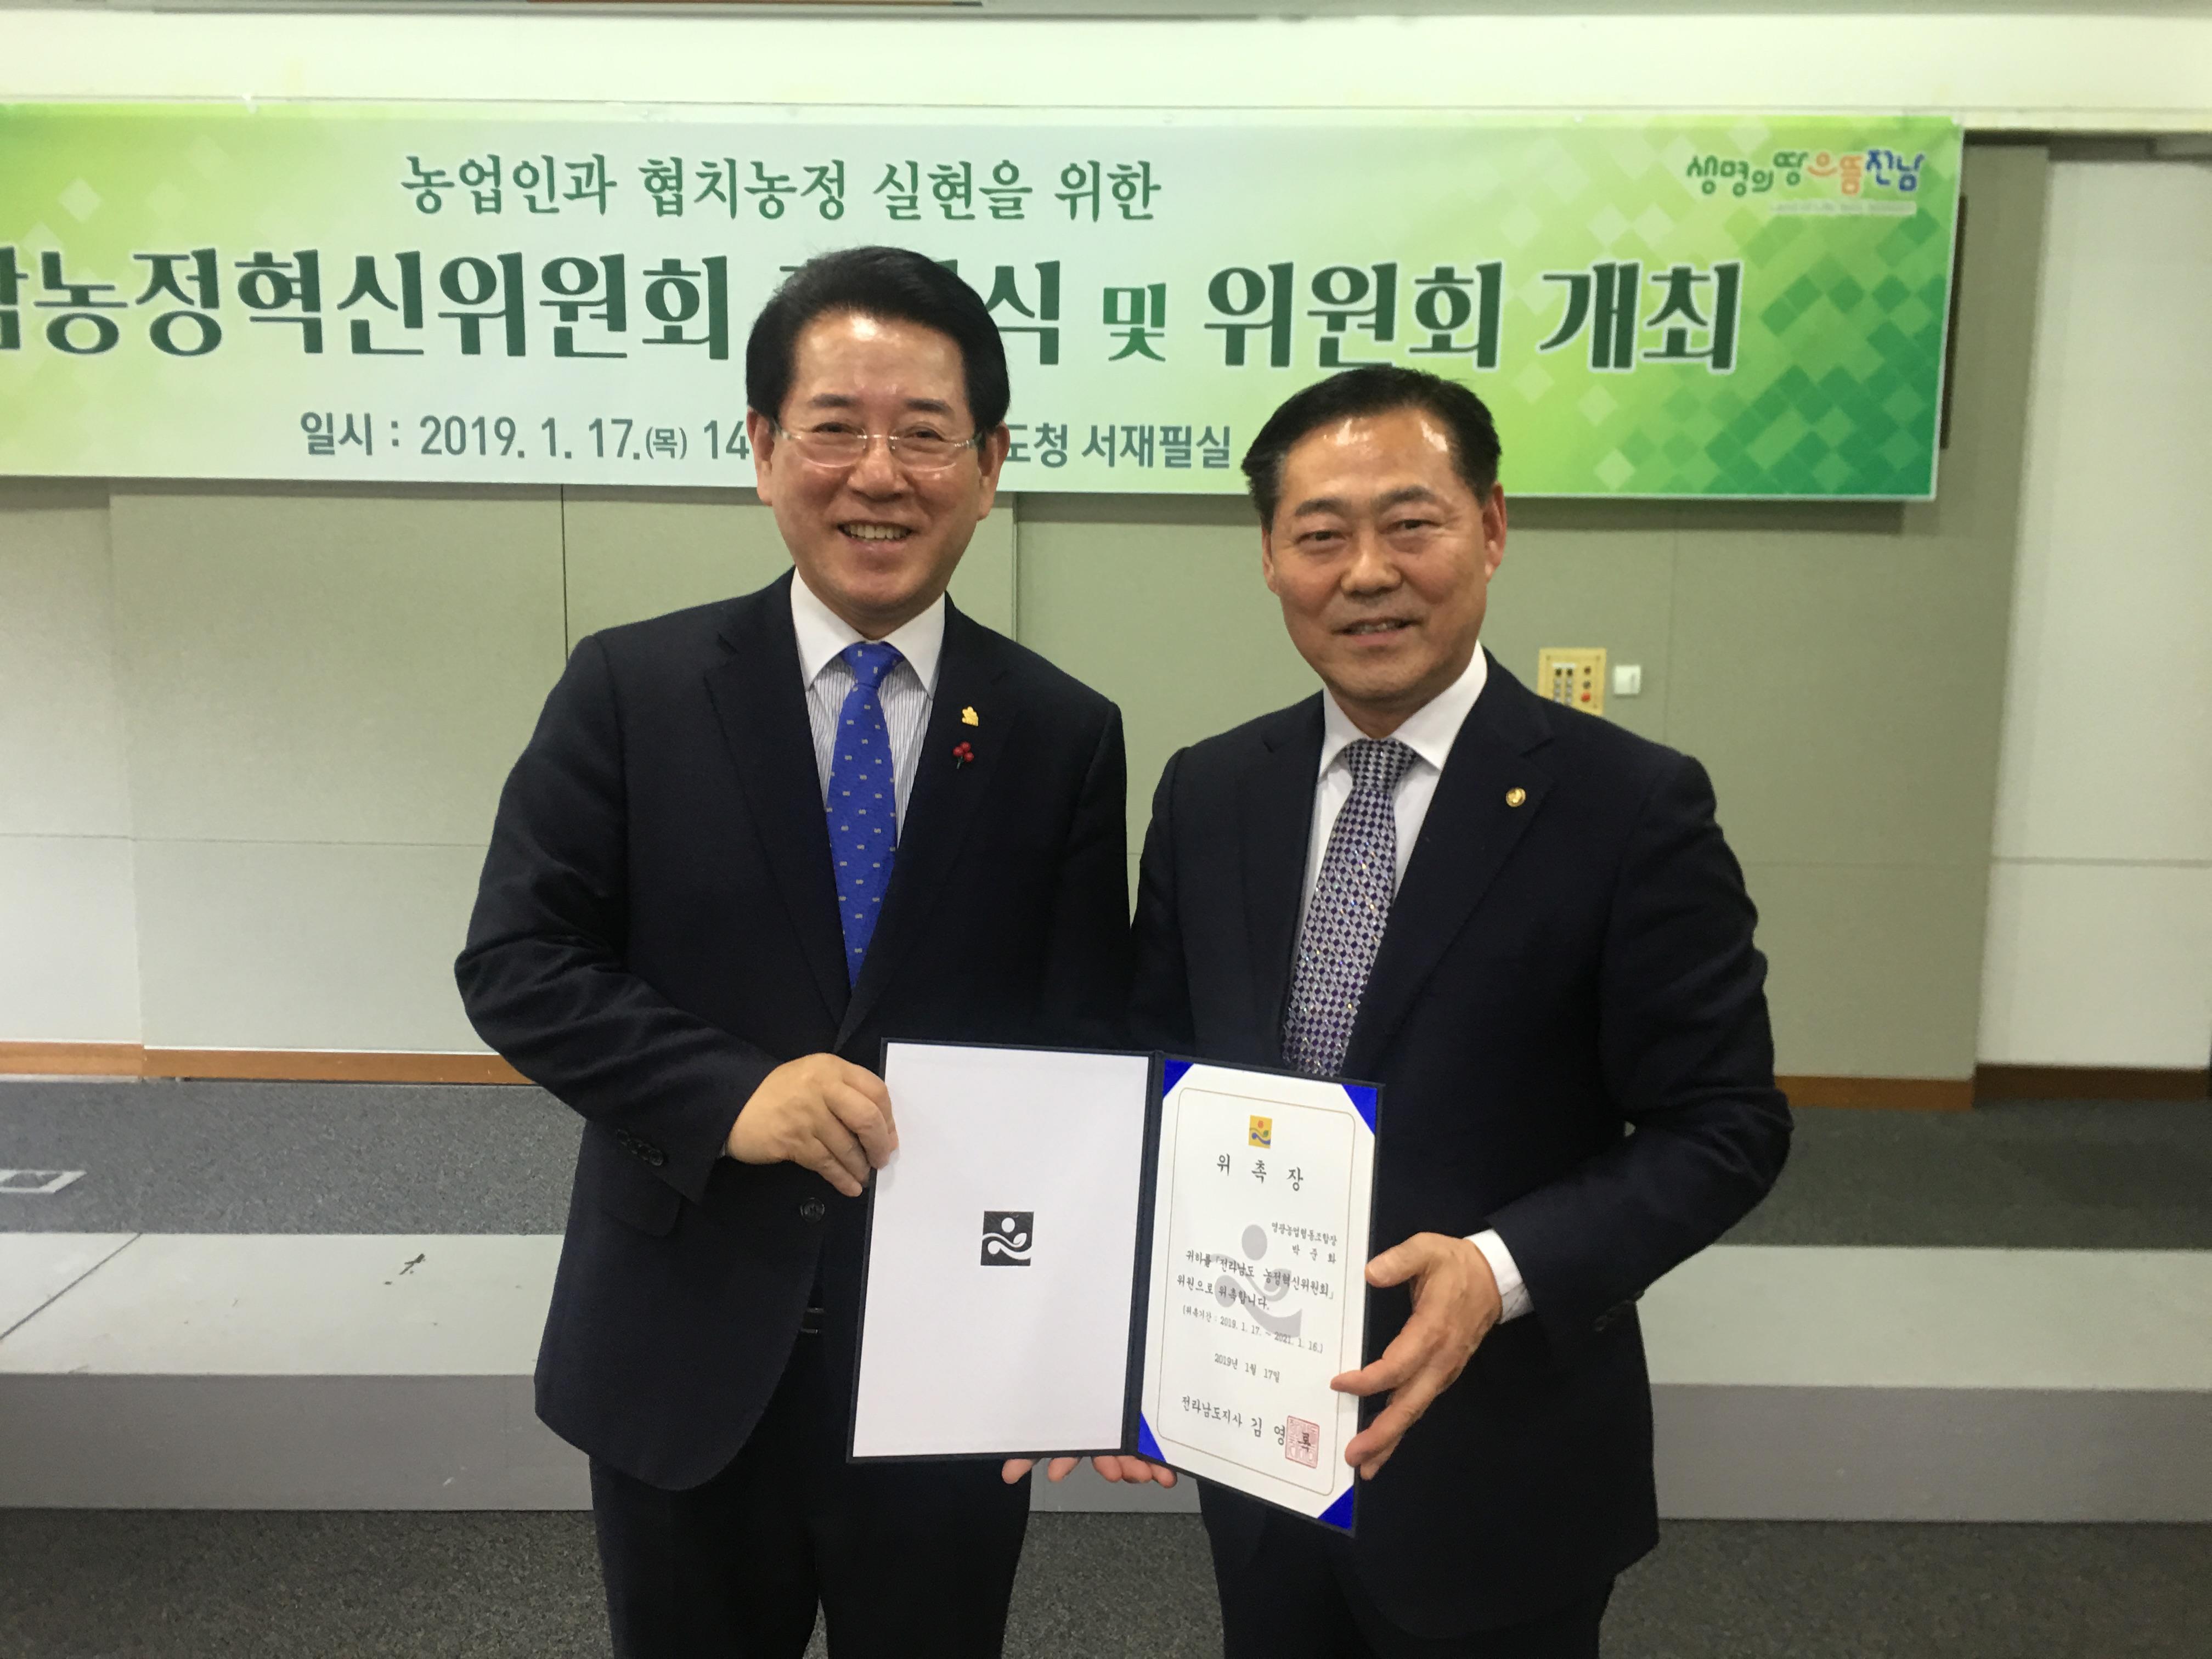 박준화 조합장 전남농정혁신위원회 위원 위촉!